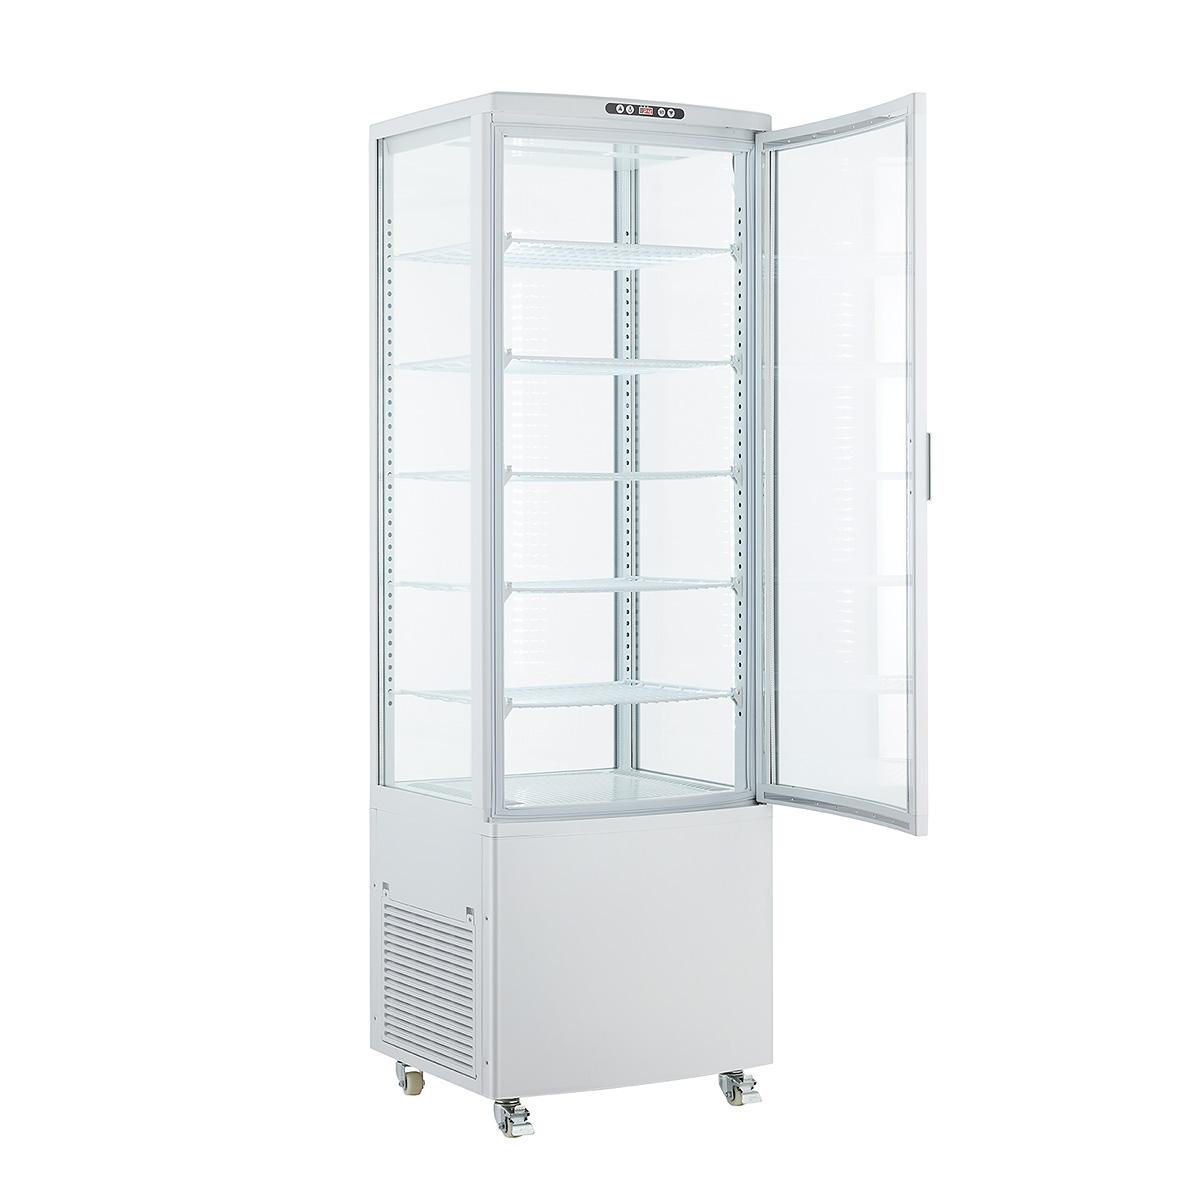 業務用冷蔵ショーケース 冷蔵庫 大型 開店記念セール 内祝い 送料無料 4面ガラス 218L冷蔵ショーケース メガプライスSALE 30台限定特価 ホワイト HJR-BFG218WT 大型冷蔵庫 218L 業務用冷蔵庫 営業日6日以内出荷 大型4面ガラス冷蔵ショーケース